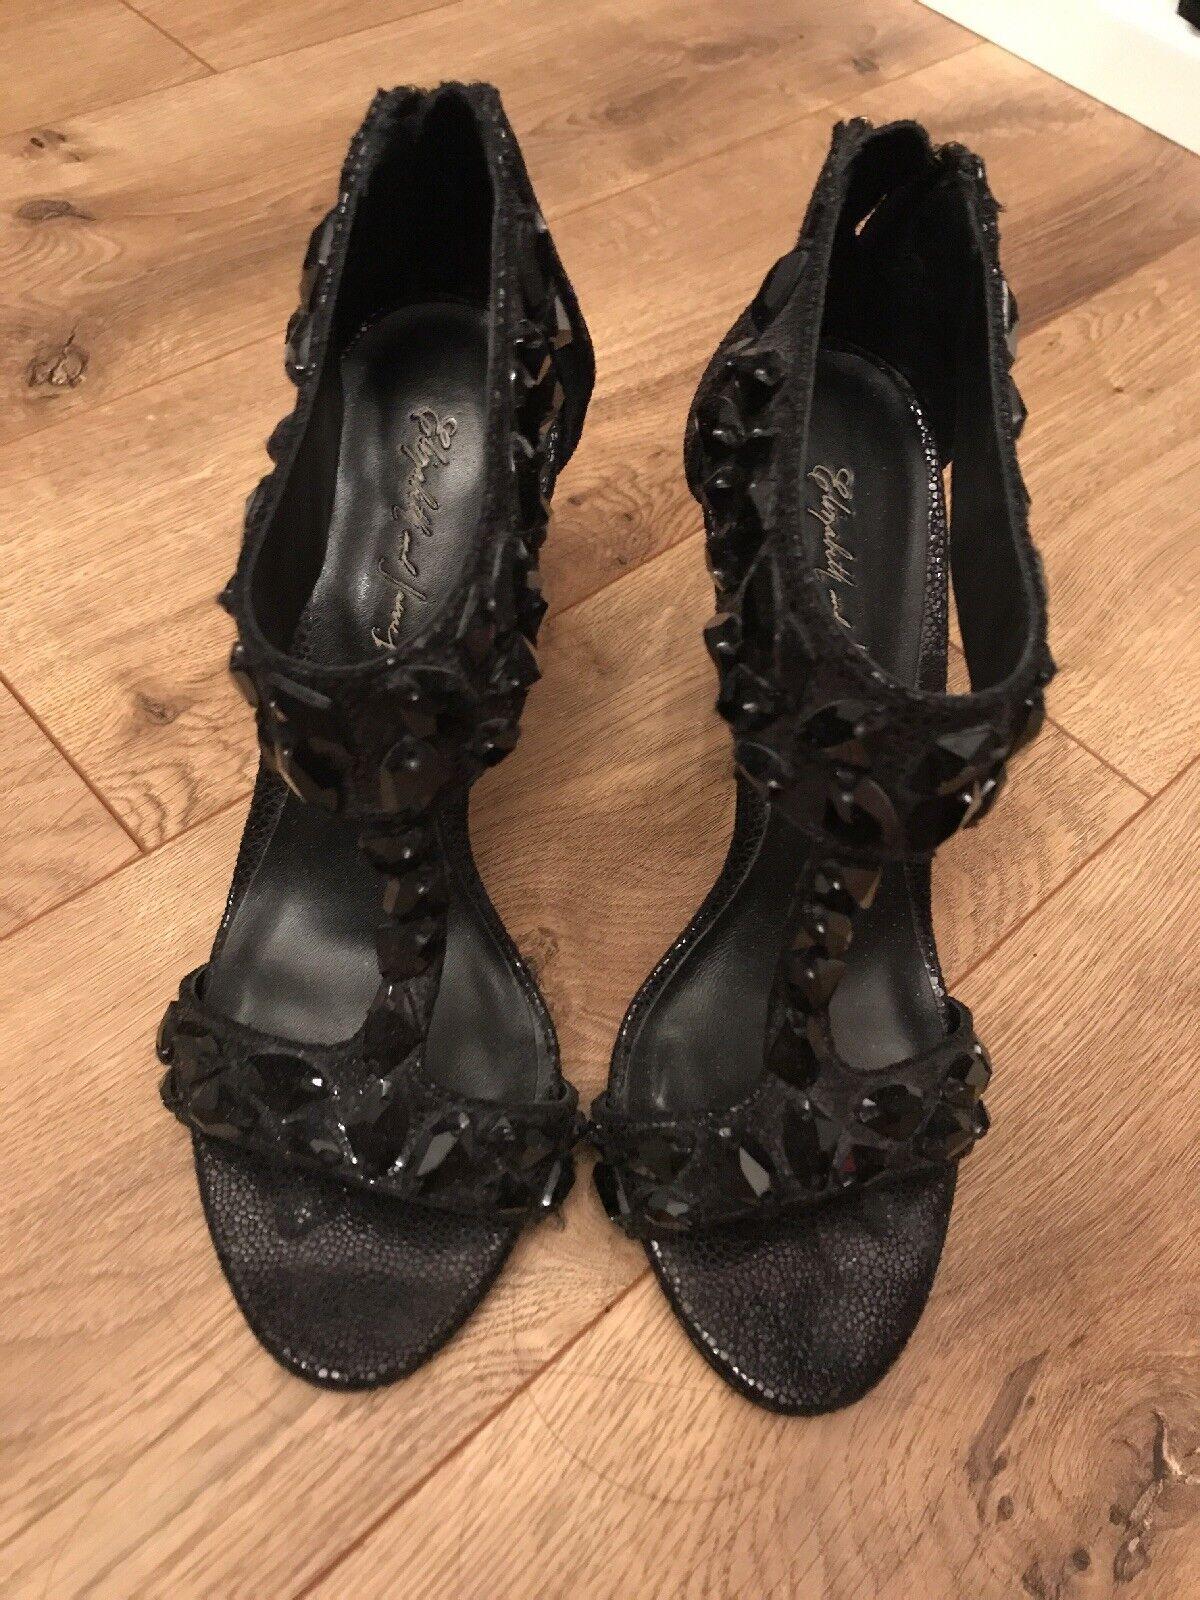 425 ELIZABETH AND JAMES Embellished T-Strap Sandals SZ 6